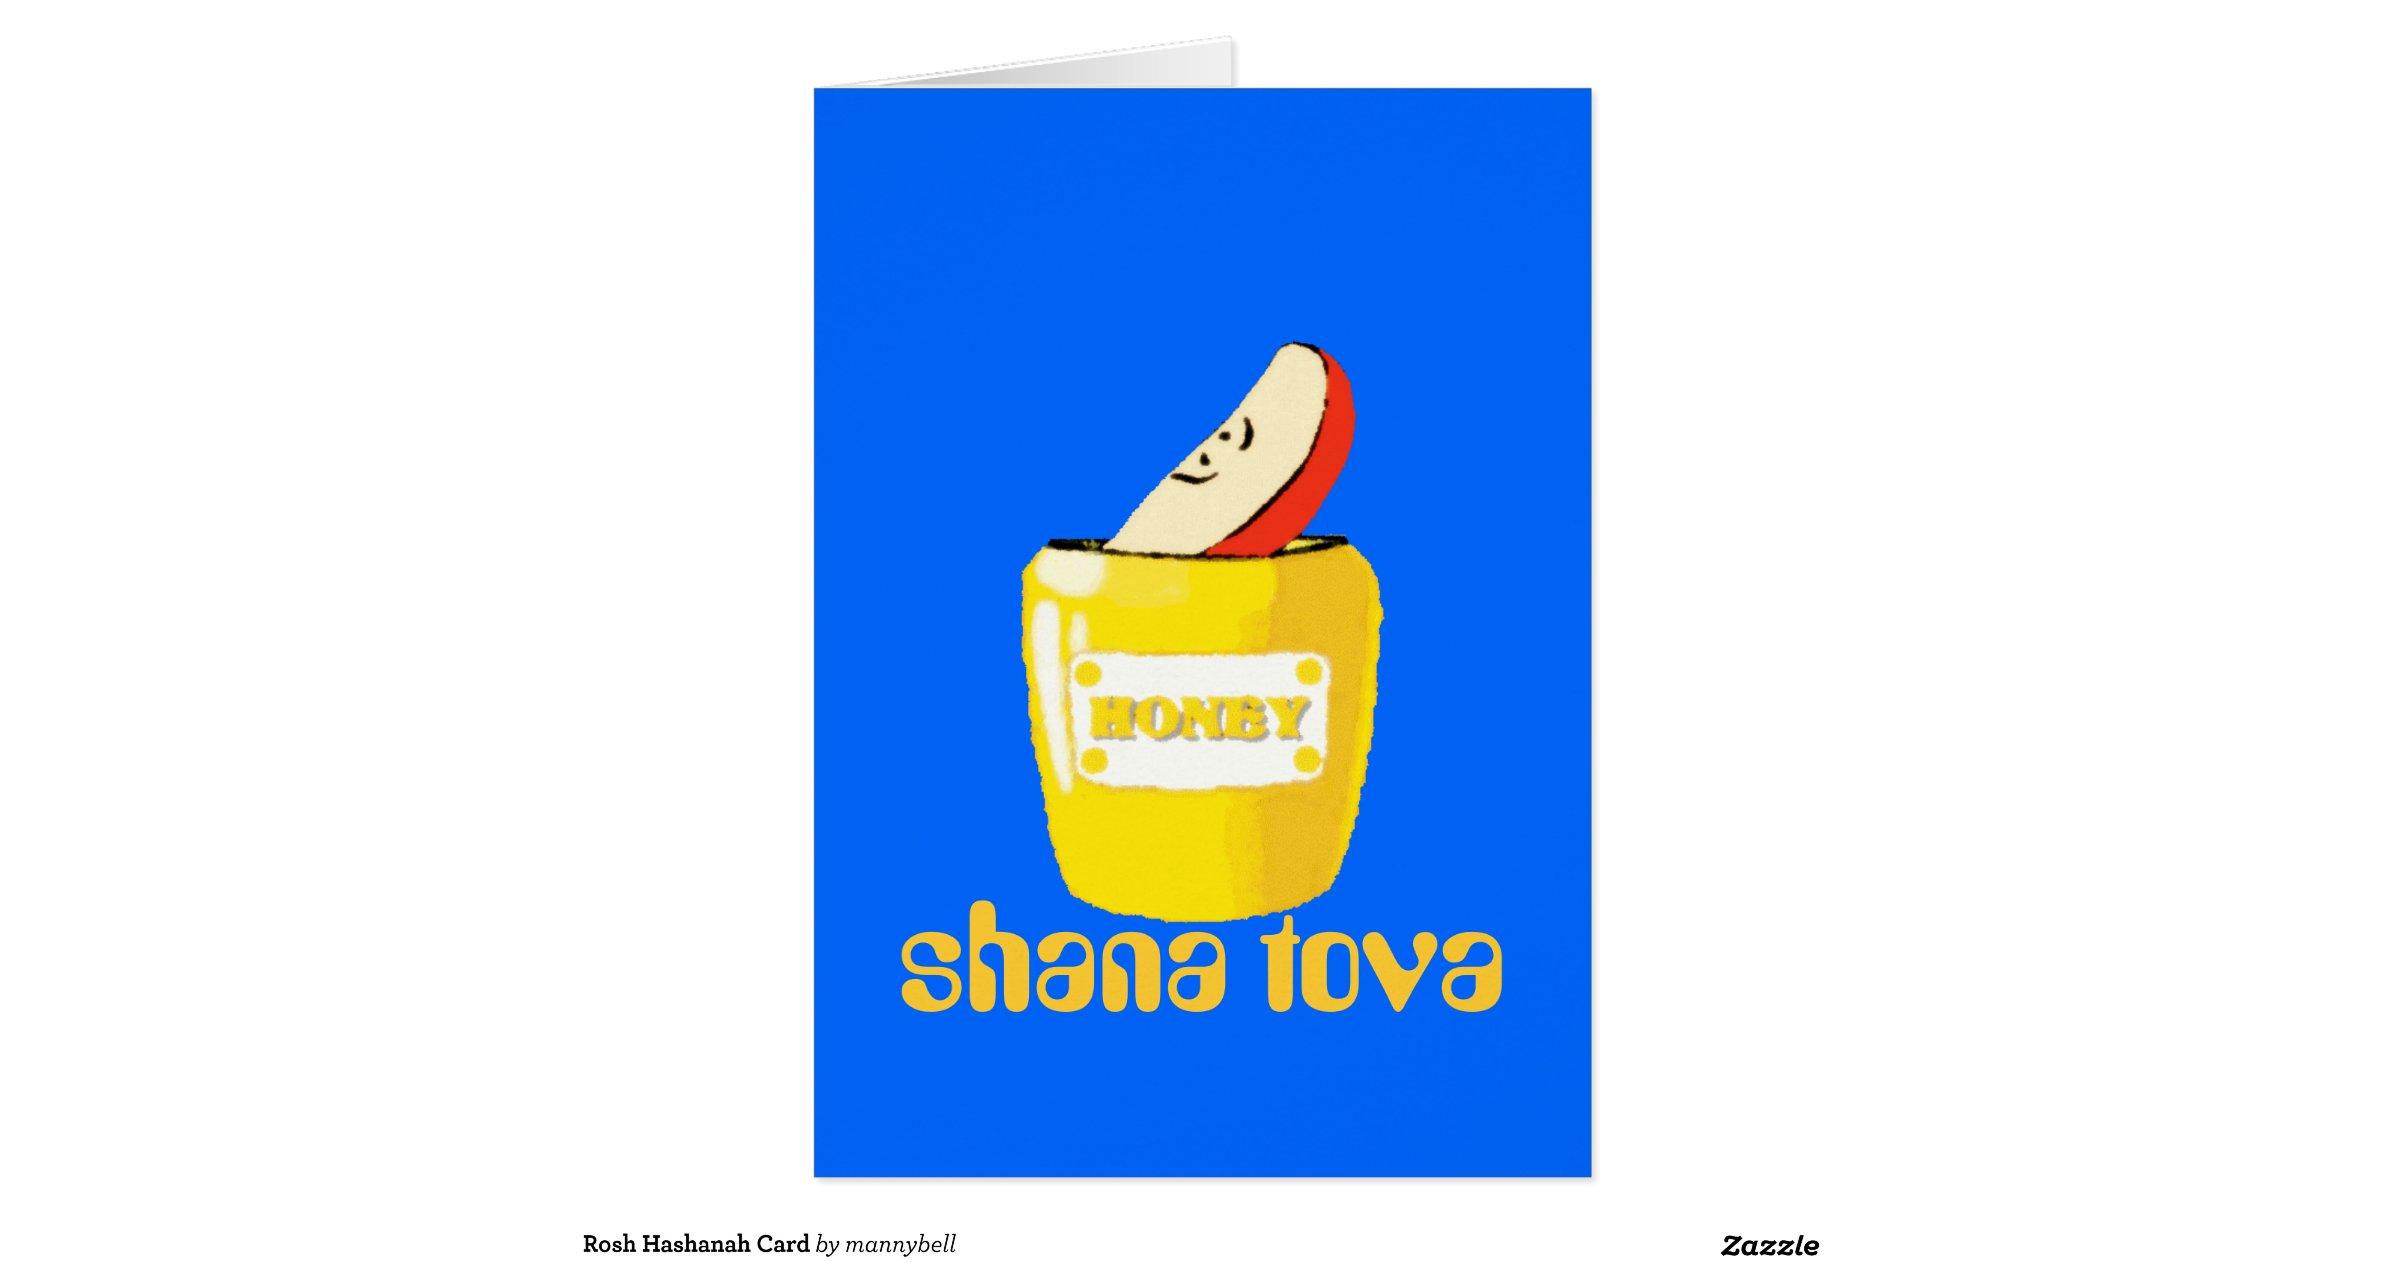 Snap Rosh Hashanah Shofar Star Card Zazzle Photos On Pinterest